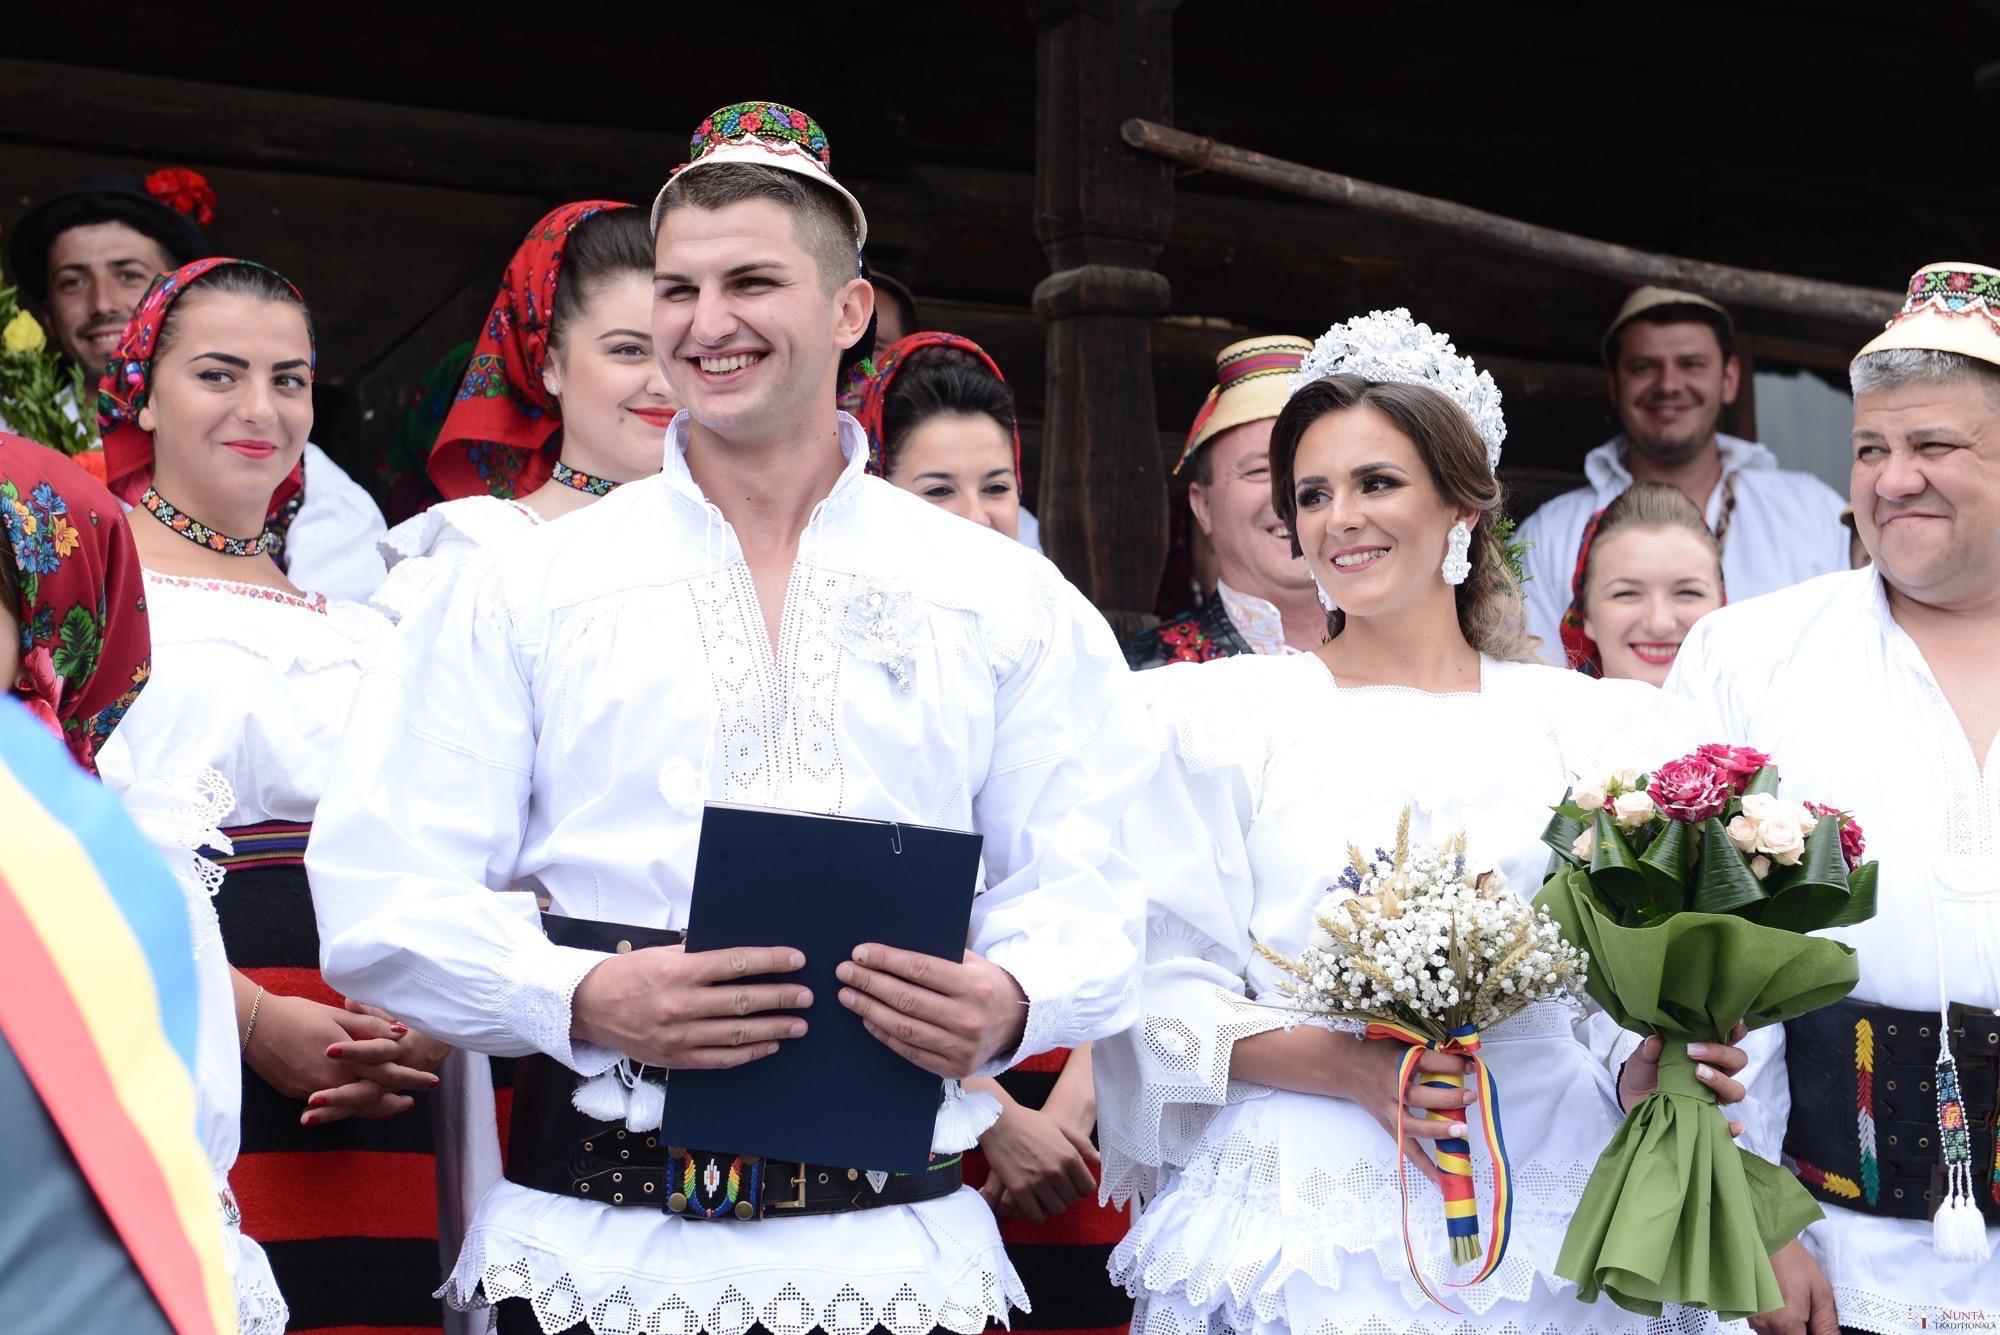 Povești Nunți Tradiționale - Florentina Vlad și Lemnean Ionuț. Cununie tradițională în Baia Mare 17